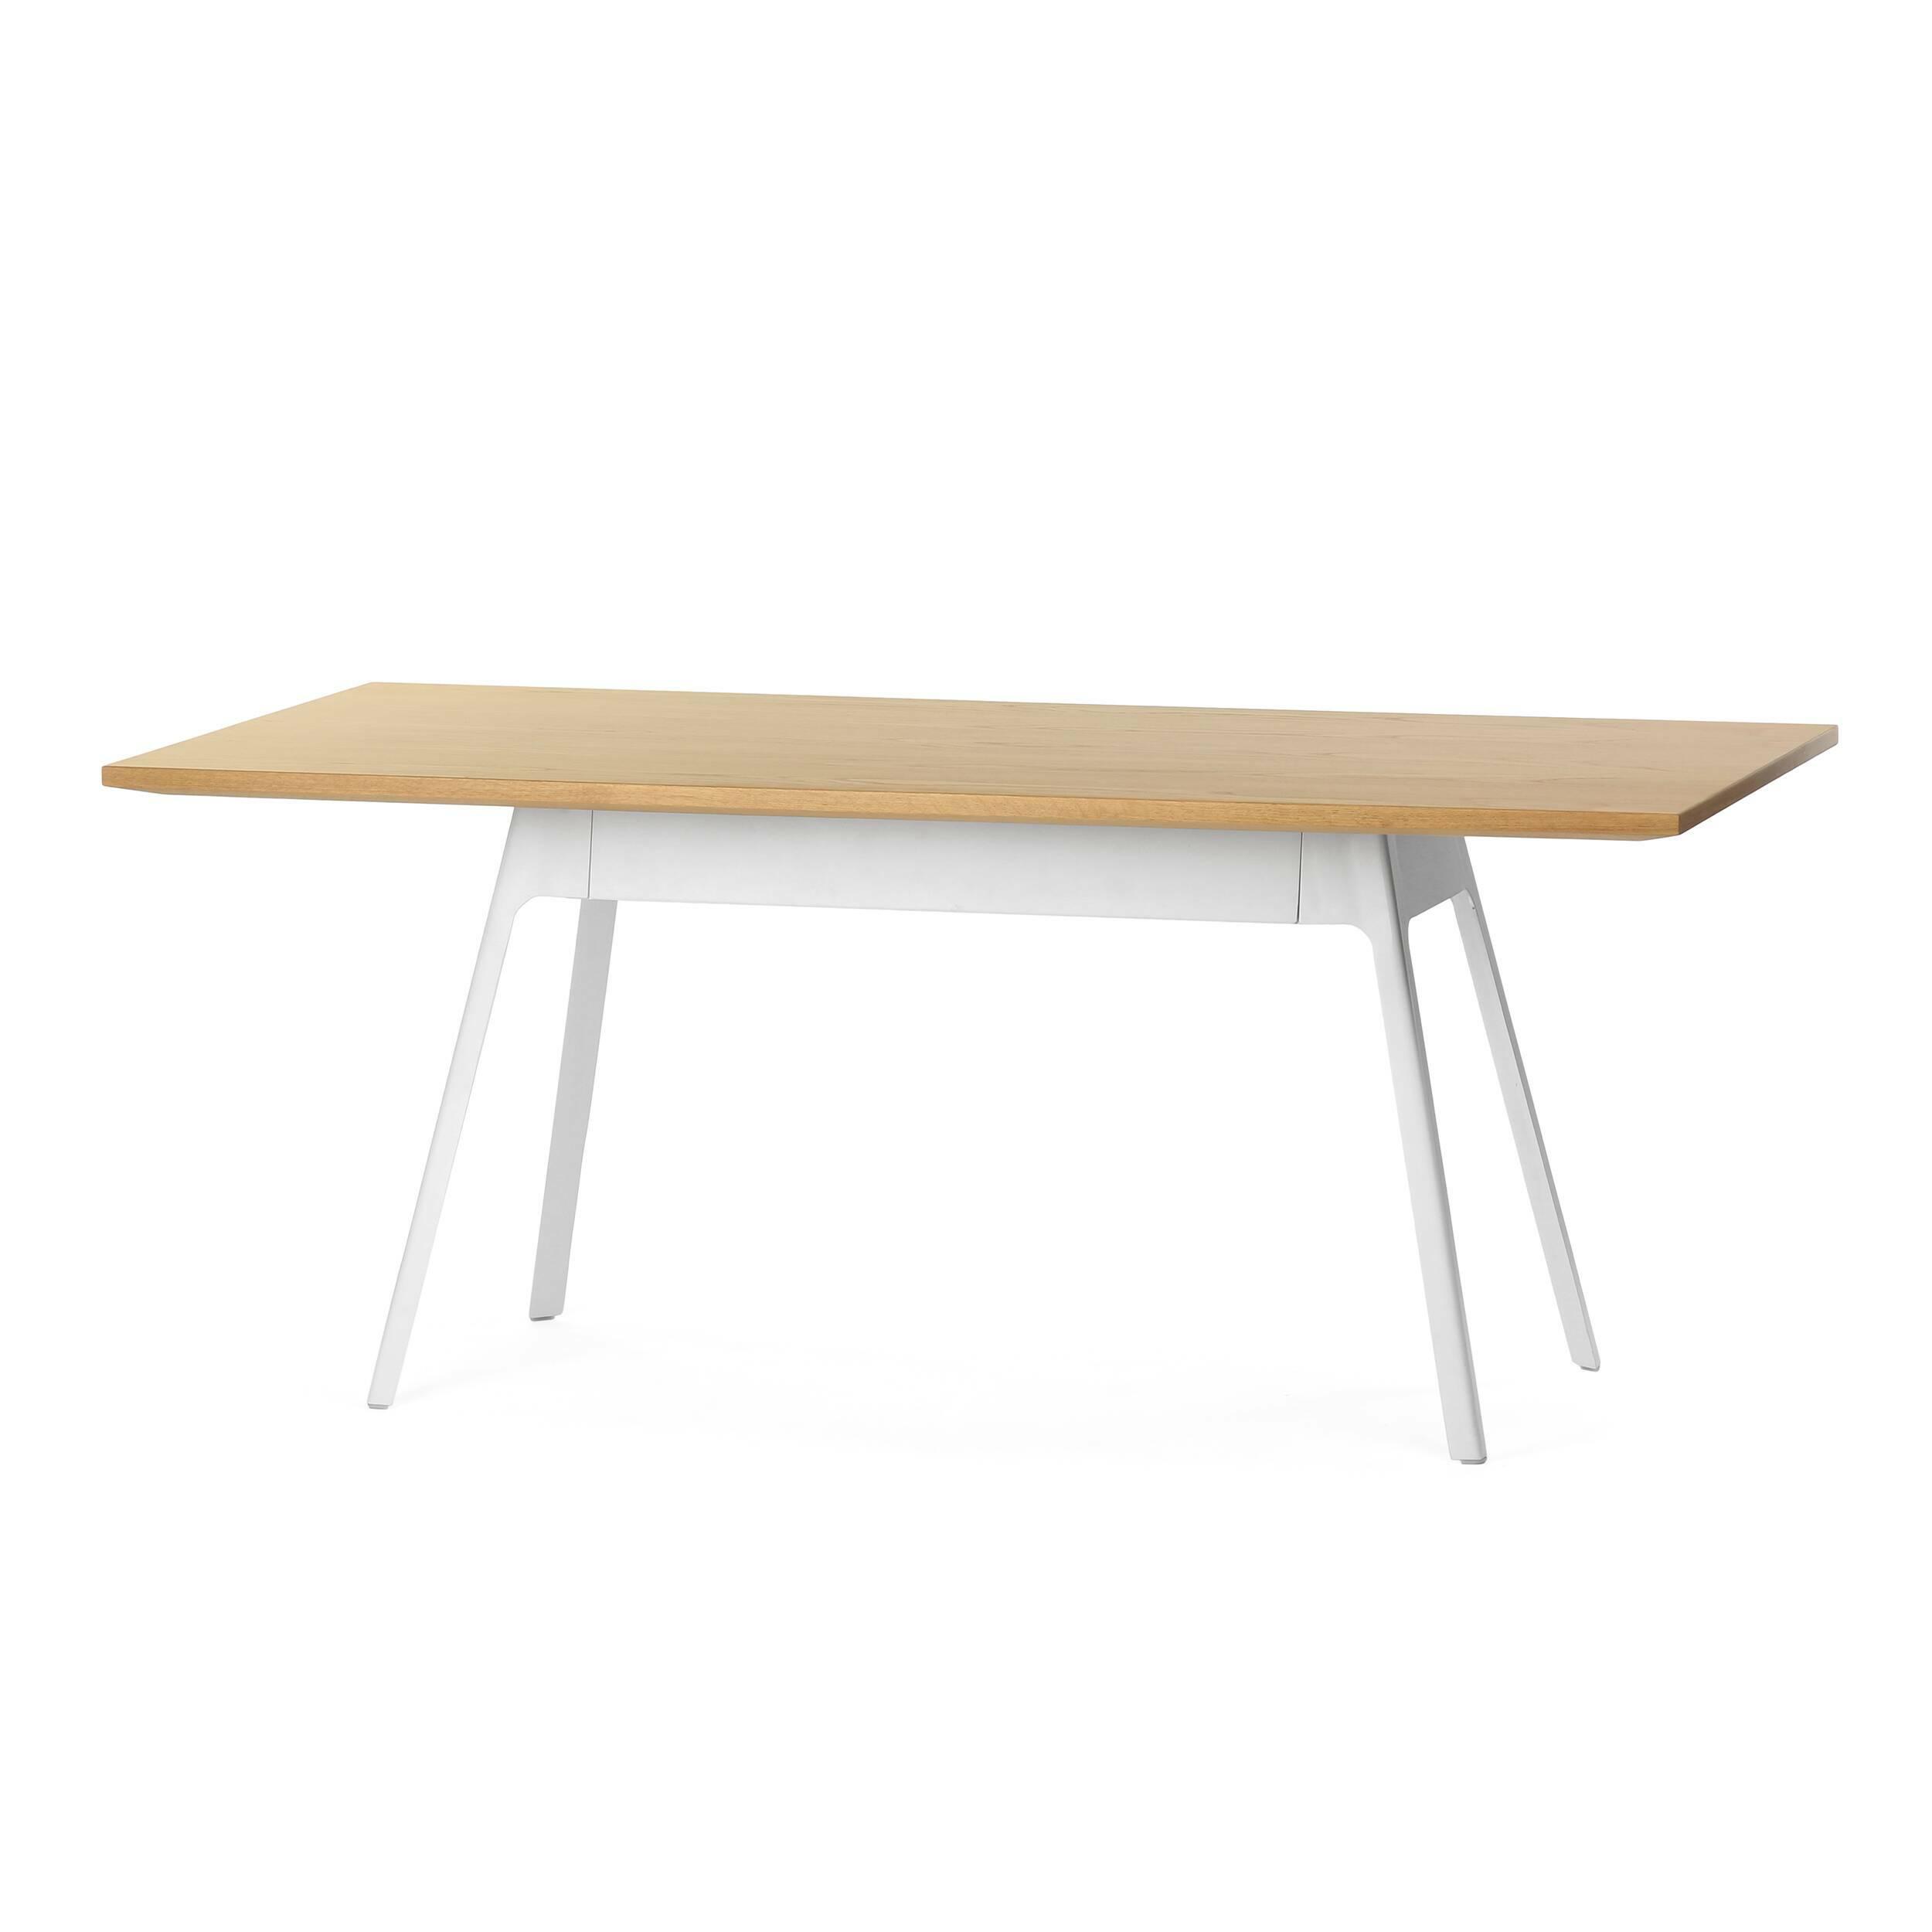 Обеденный стол Yardbird прямоугольный 180х90 с металлическими ножками обеденный стол wellington прямоугольный